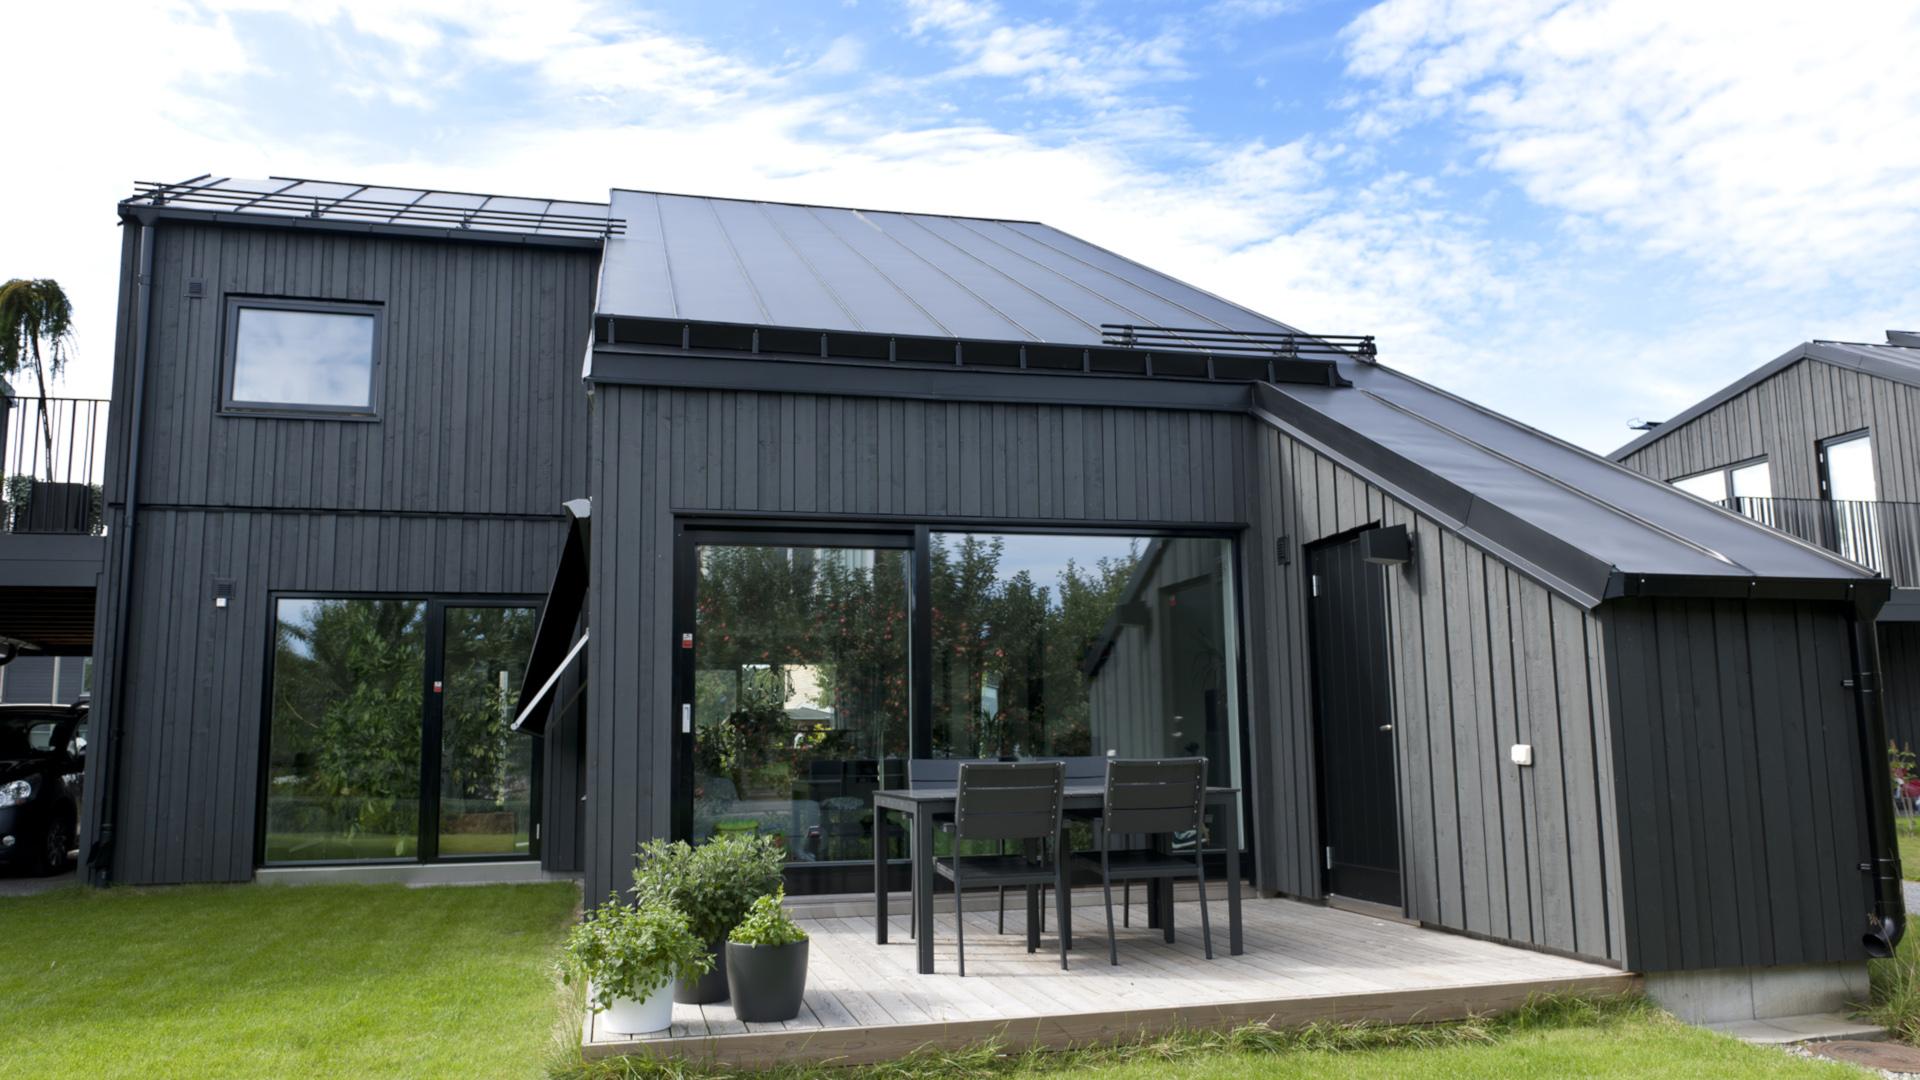 Tyypillisesti GreenCoat®-teräksestä valmistettu peltikatto kaipaa huoltomaalausta vasta 30–40 vuoden päästä asennuksesta, ja huoltomaalauksella peltikatto saa taas jopa 20 vuotta lisää käyttöikää. GreenCoat® onkin hinta-laatu-suhteeltaan erinomainen sijoitus, jolla saadaan talolle laadukas ja huoleton katto vuosikymmeniksi.